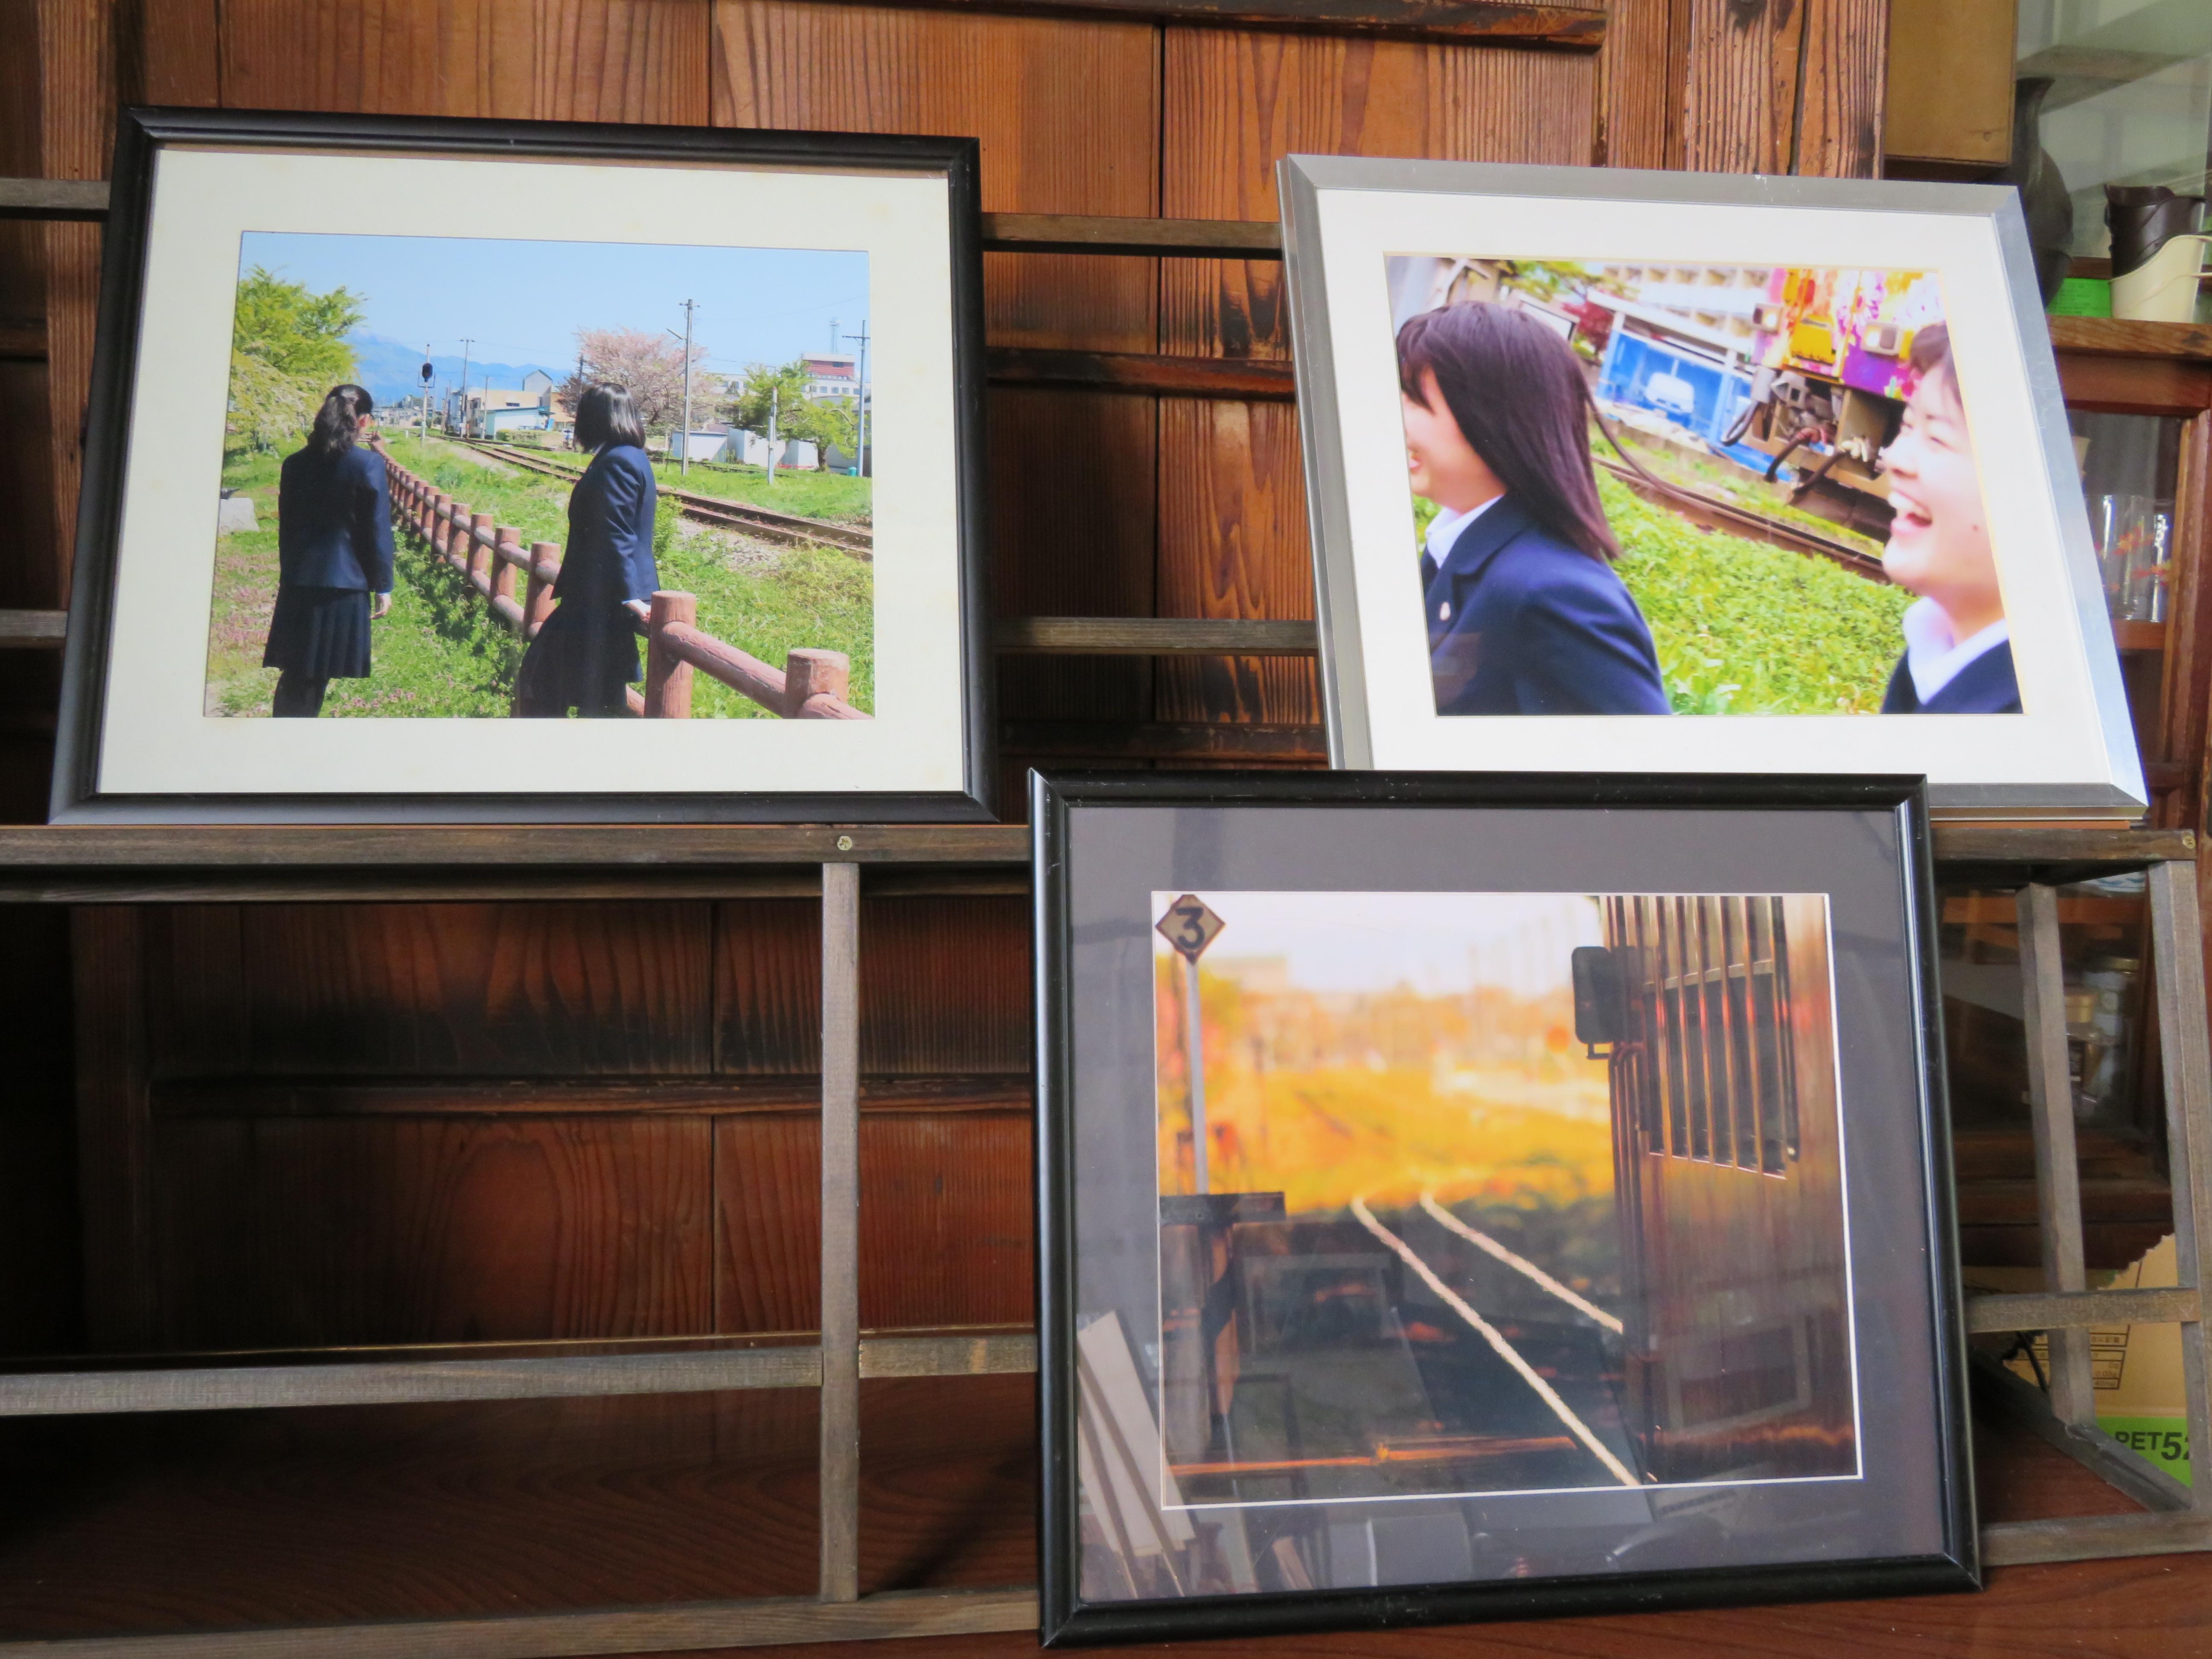 「物語のある風景」写真展